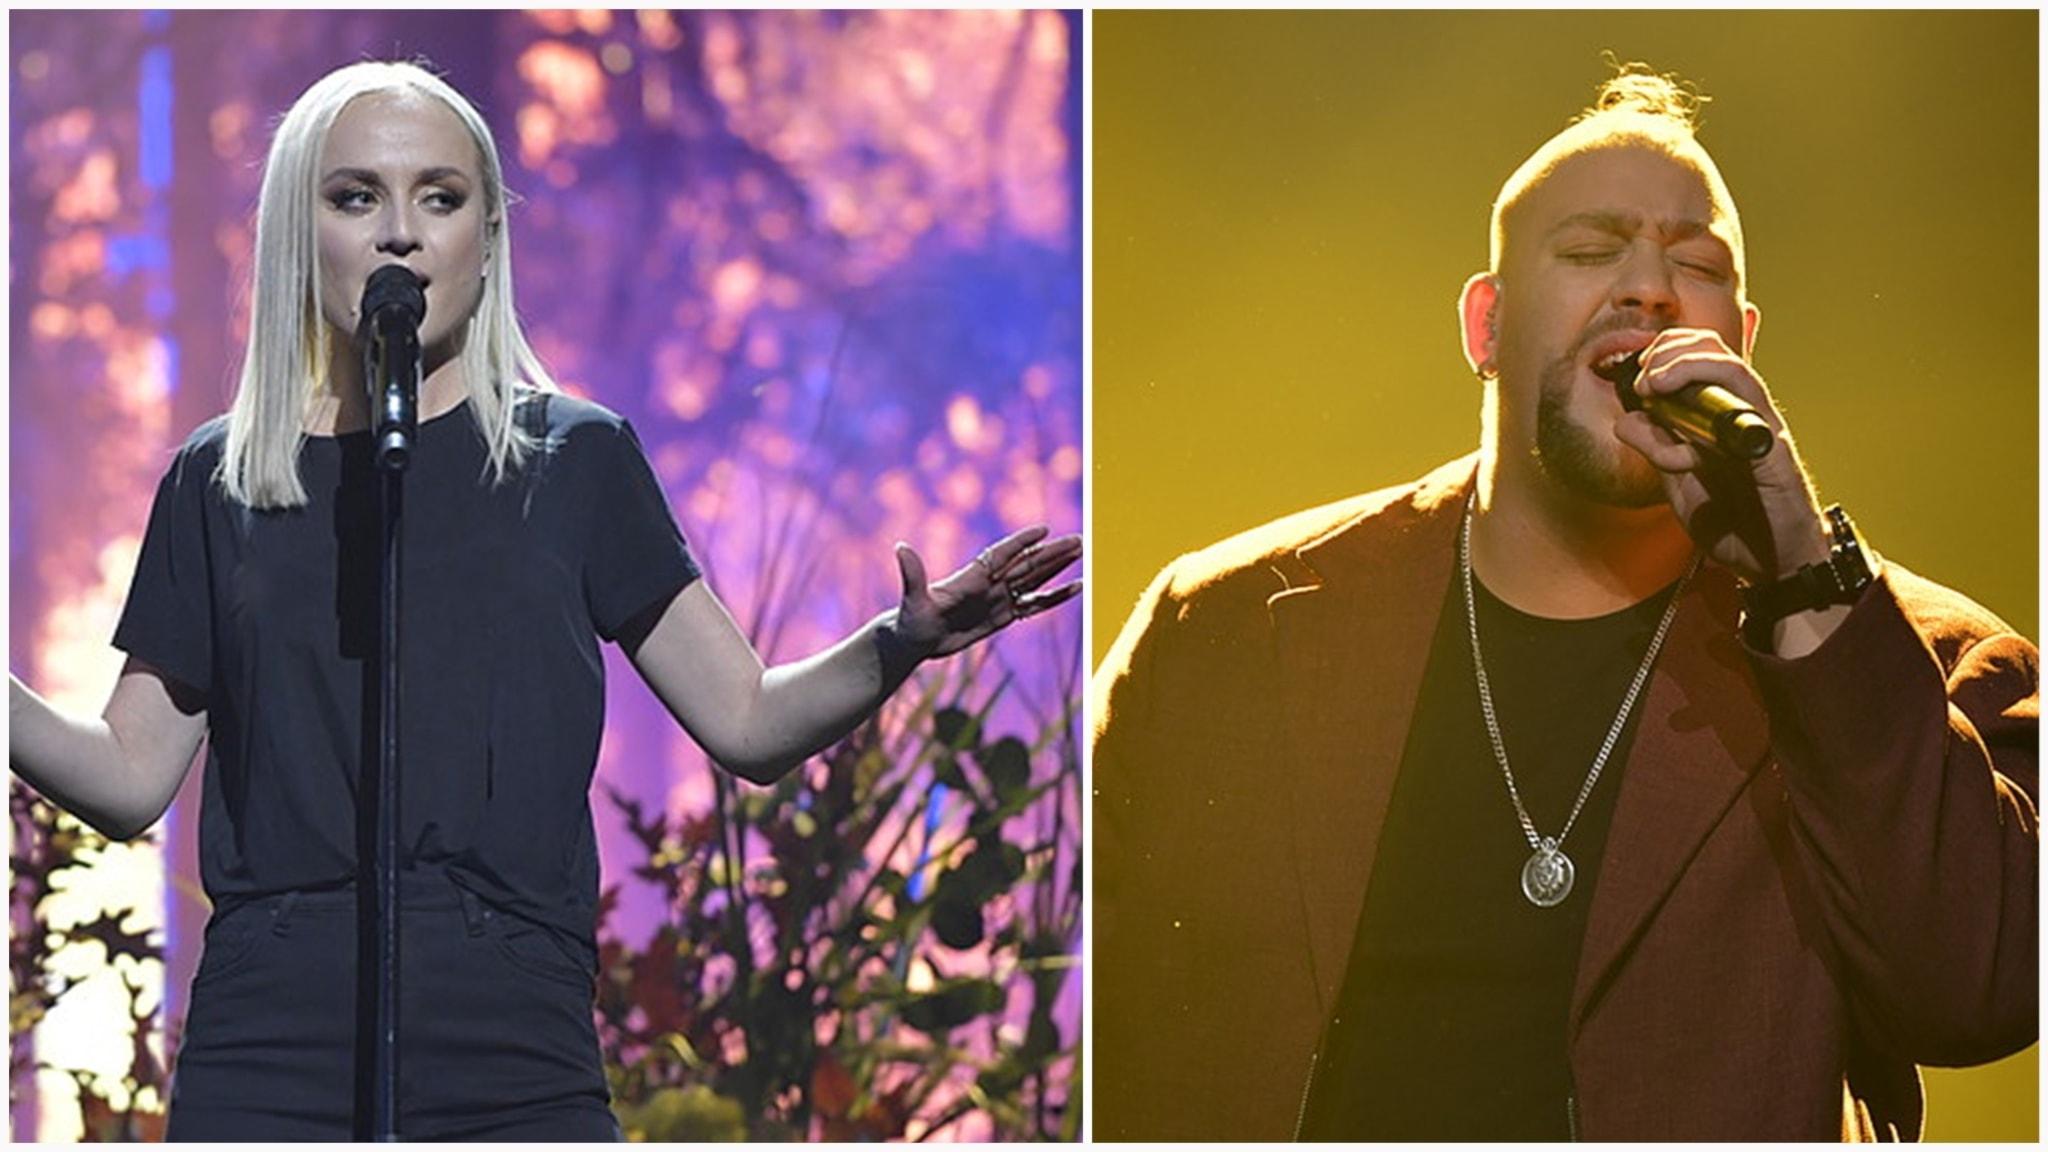 Första revanschen från Melodifestivalen